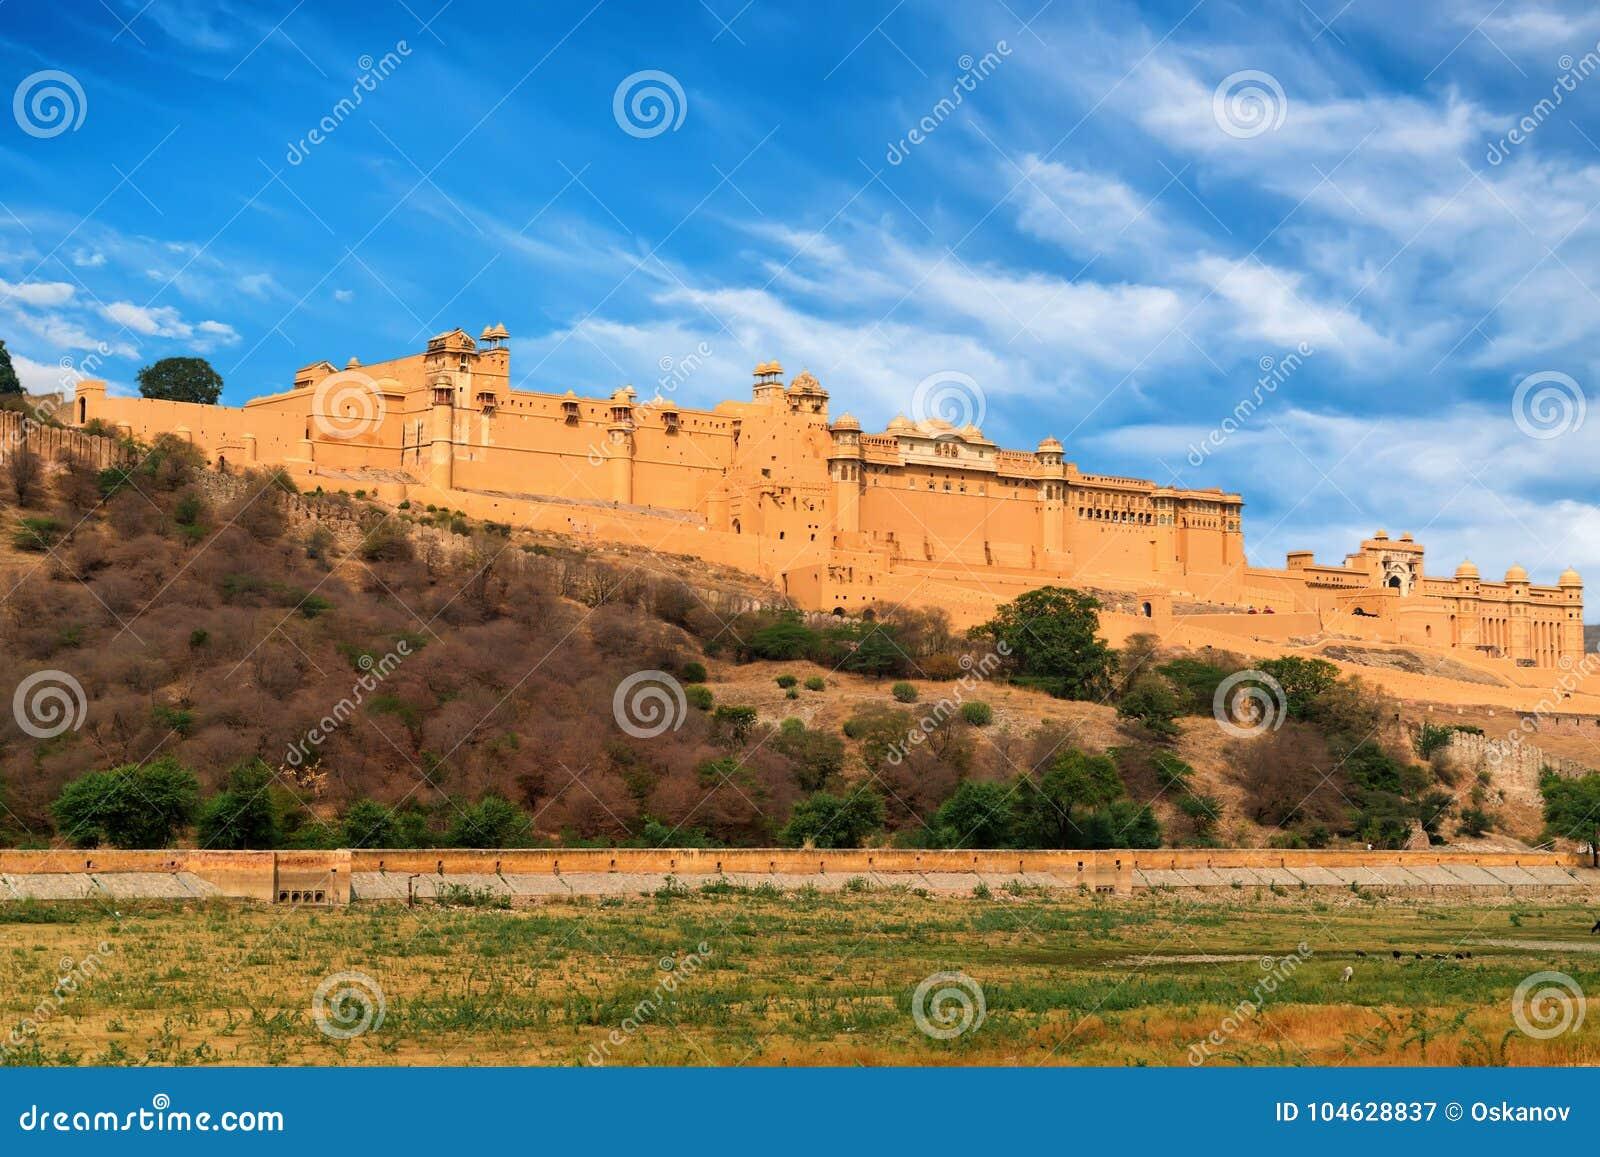 Download Toneelmening Van Amber Of Amer Fort In Jaipur, India Stock Afbeelding - Afbeelding bestaande uit aziatisch, azië: 104628837